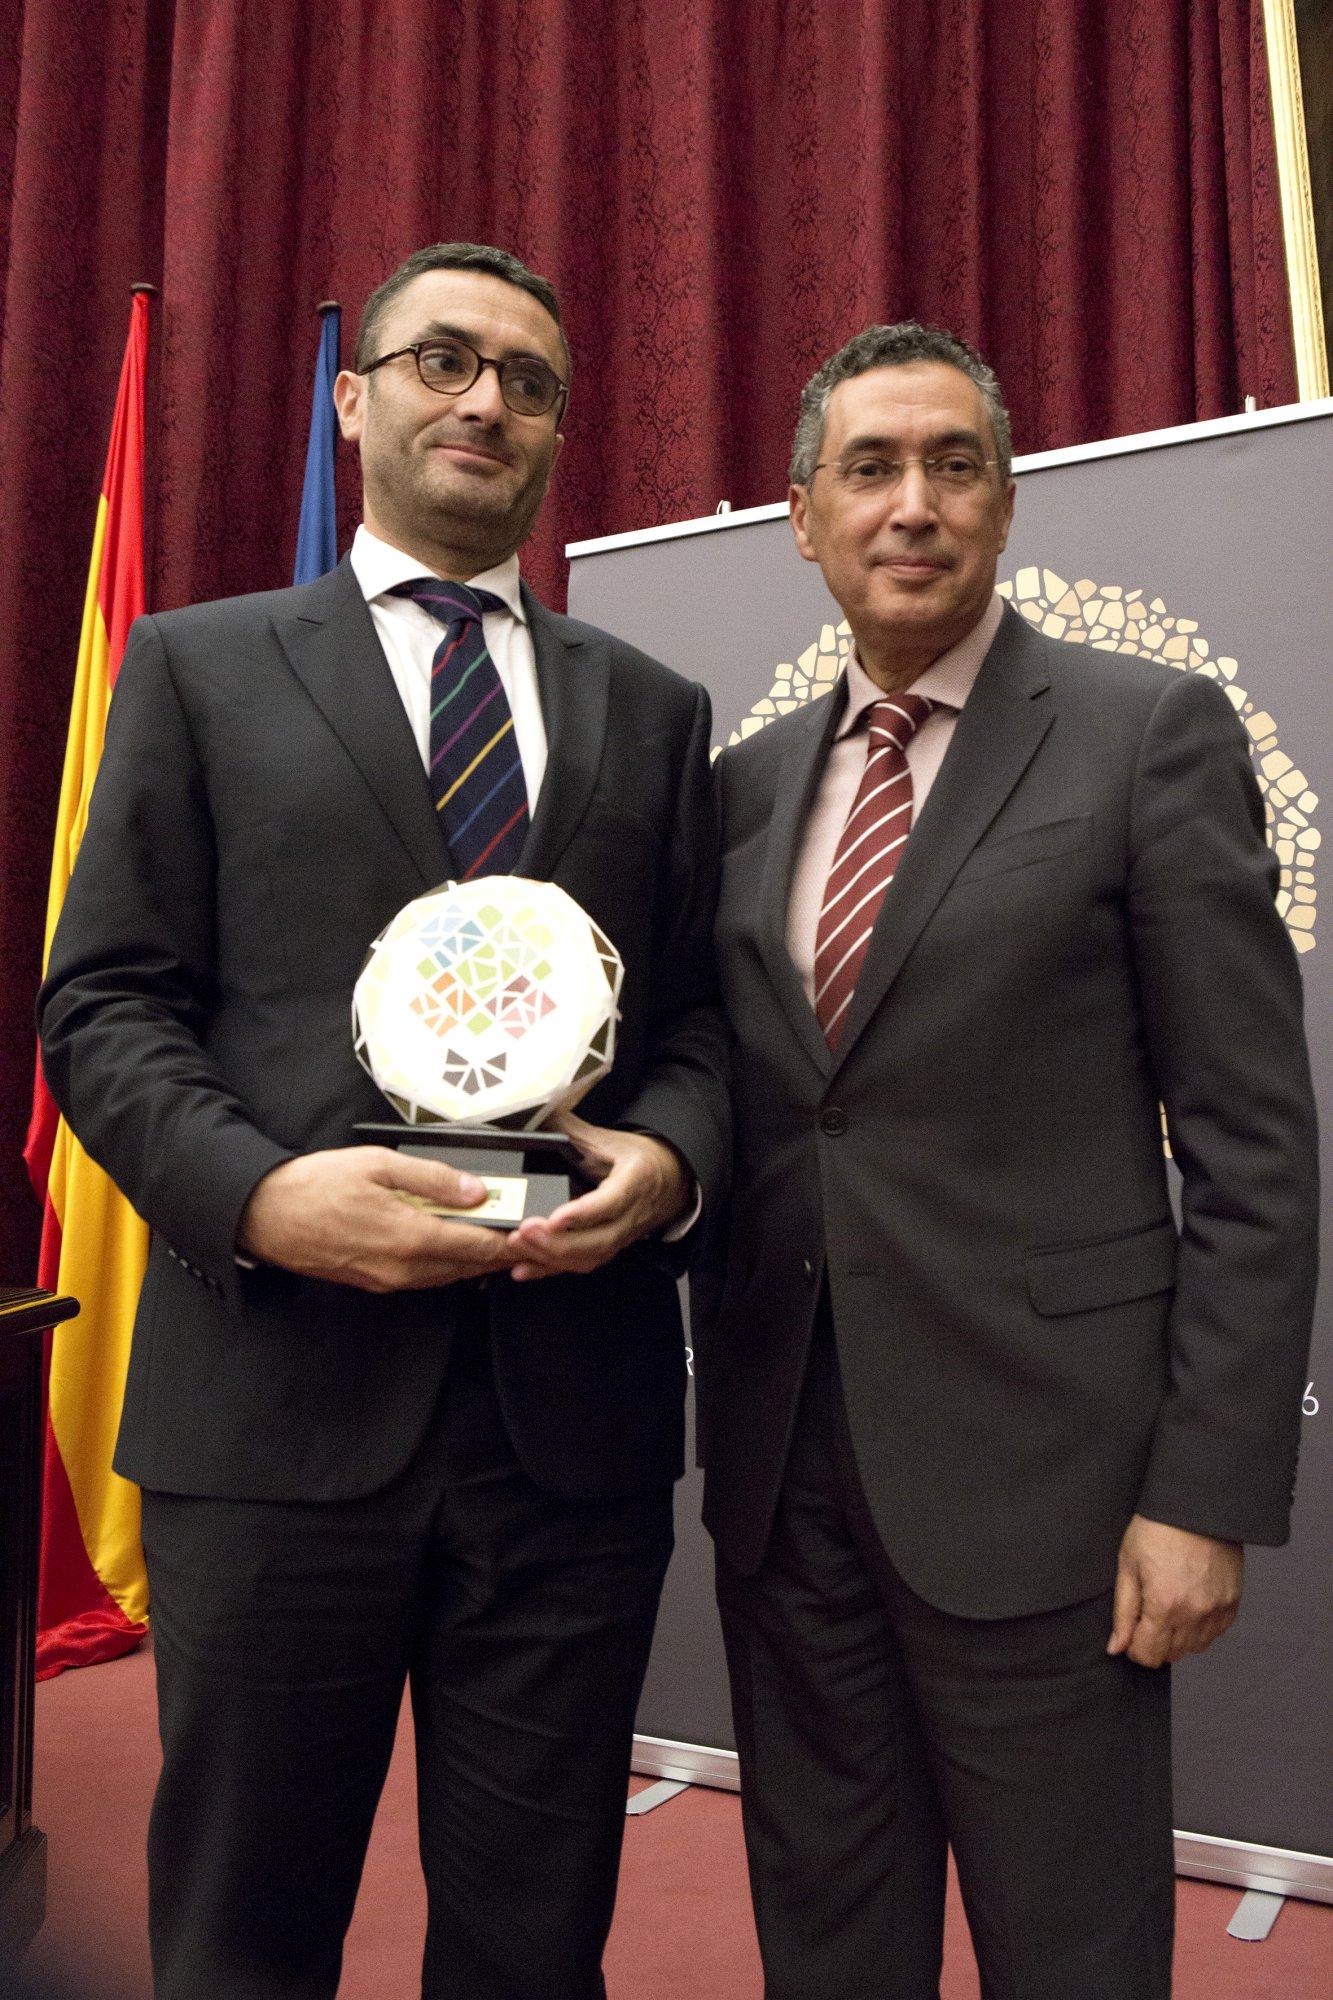 Eng. Anwar El Mezwaghi and Mr. Jesús Cuadrado from Effergy Energía.